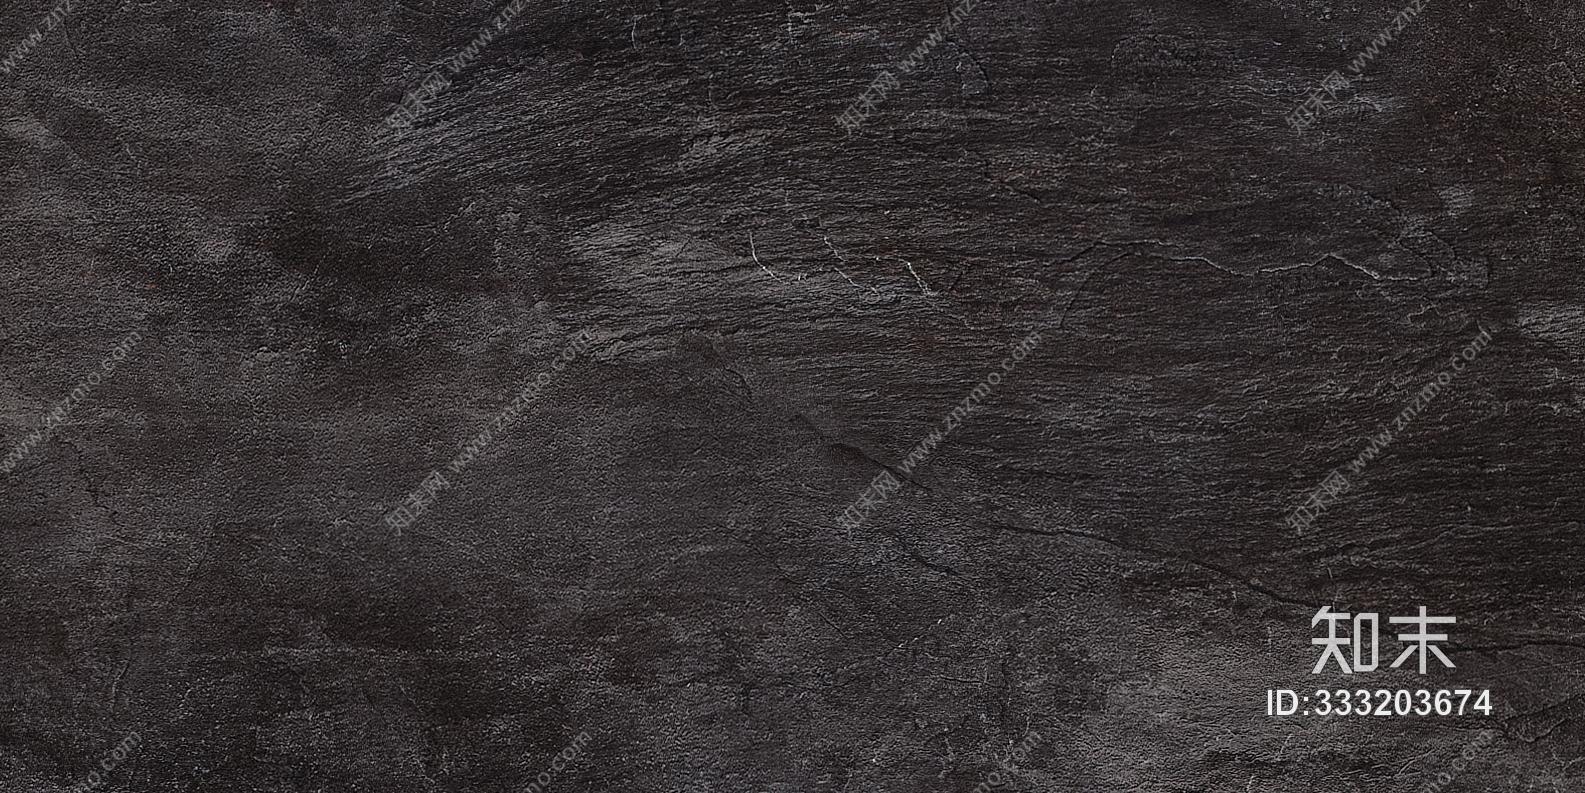 思锐汽配软件下载_意大利锐思瓷砖板岩灰黑系列贴图贴图下载【ID:333203674】_意大利 ...